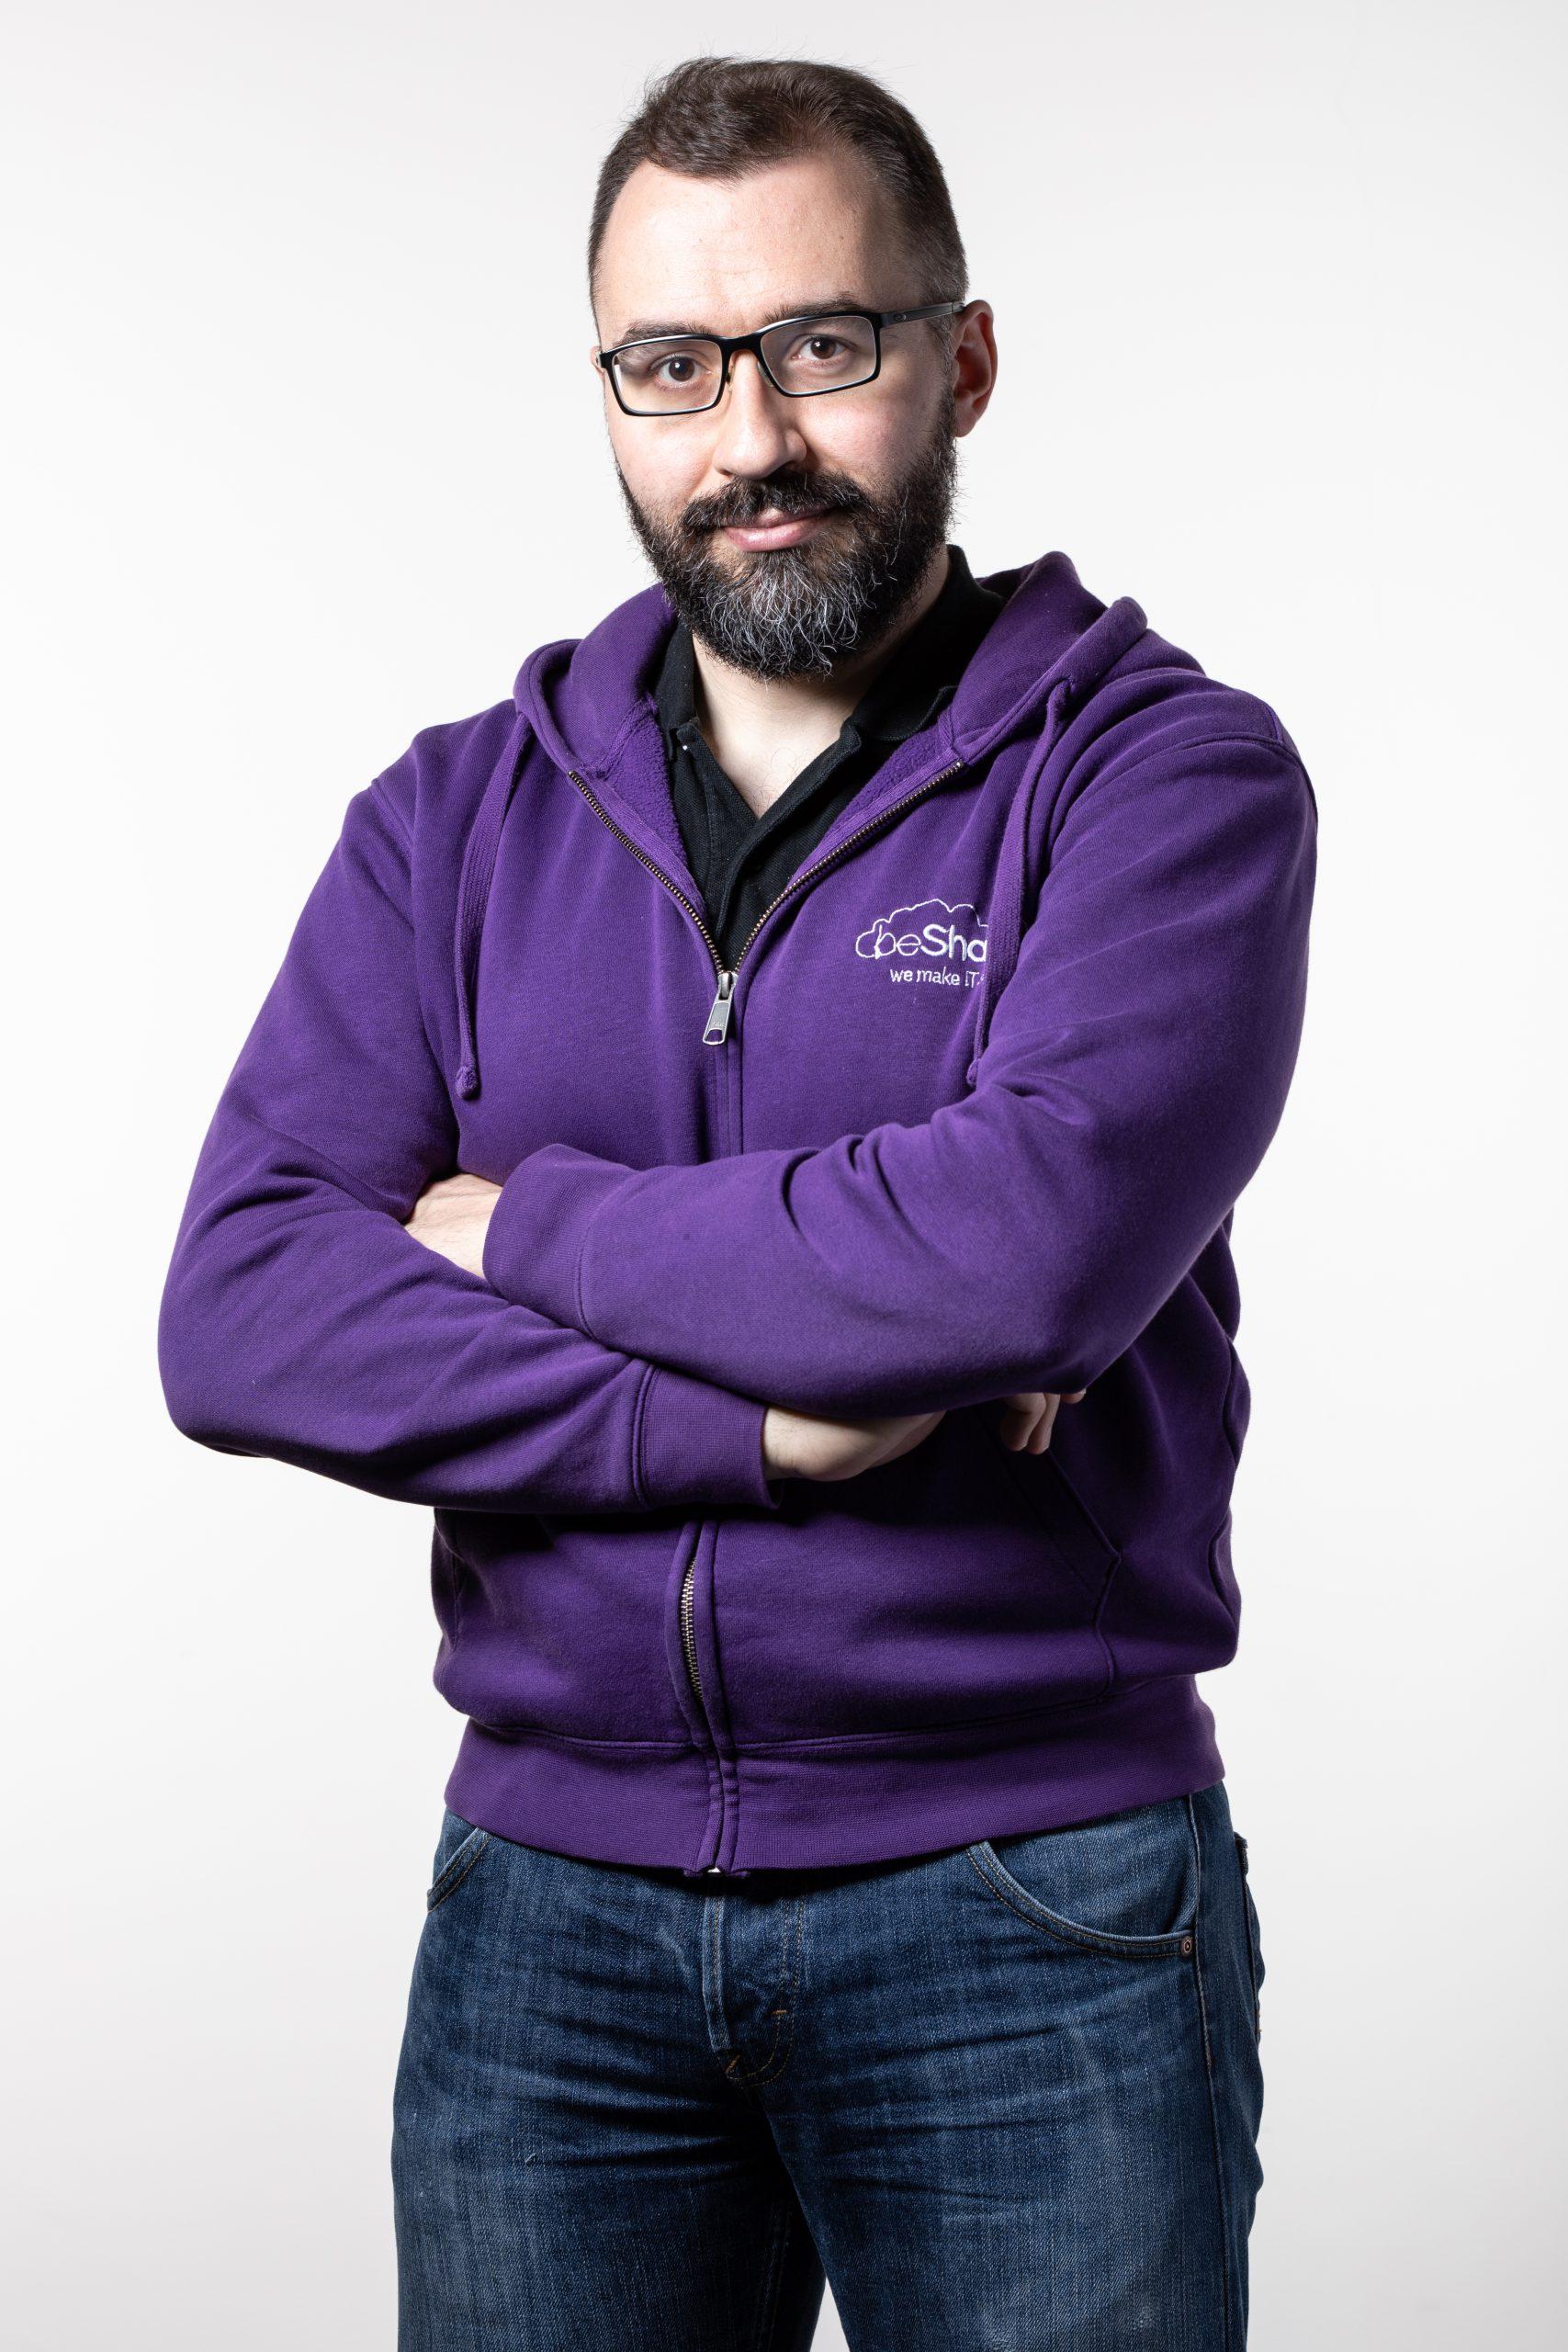 Alessandro Molina